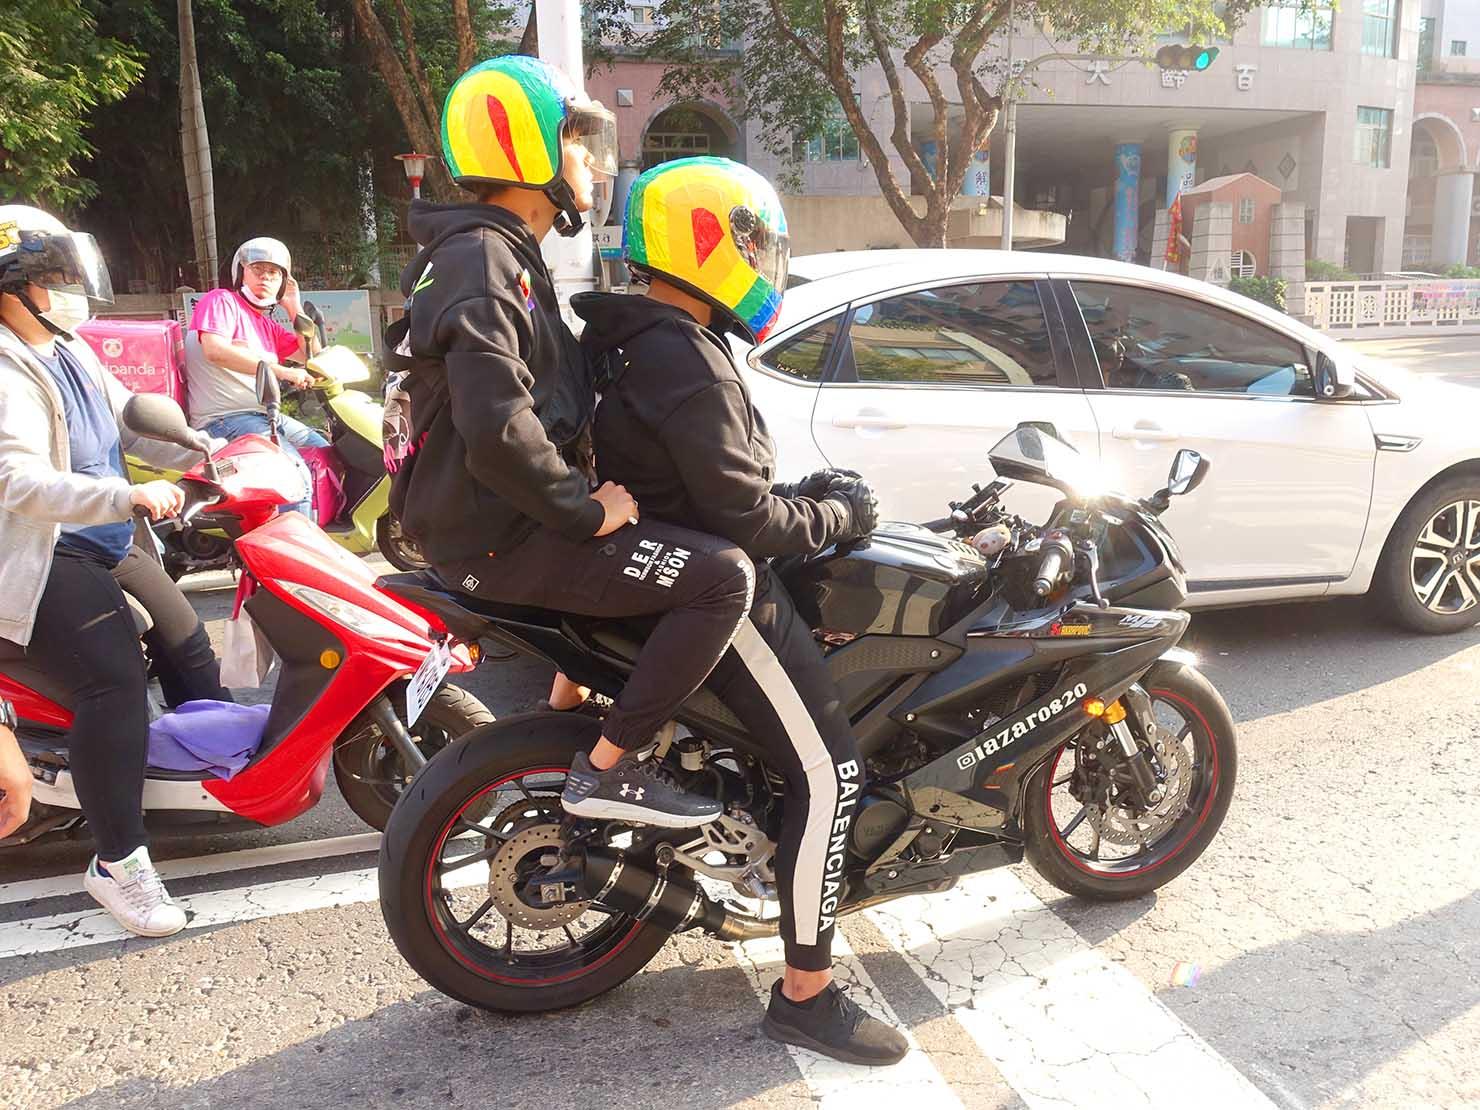 「高雄同志大遊行(高雄プライド)」2019のパレードをレインボーヘルメット姿で応援する2人